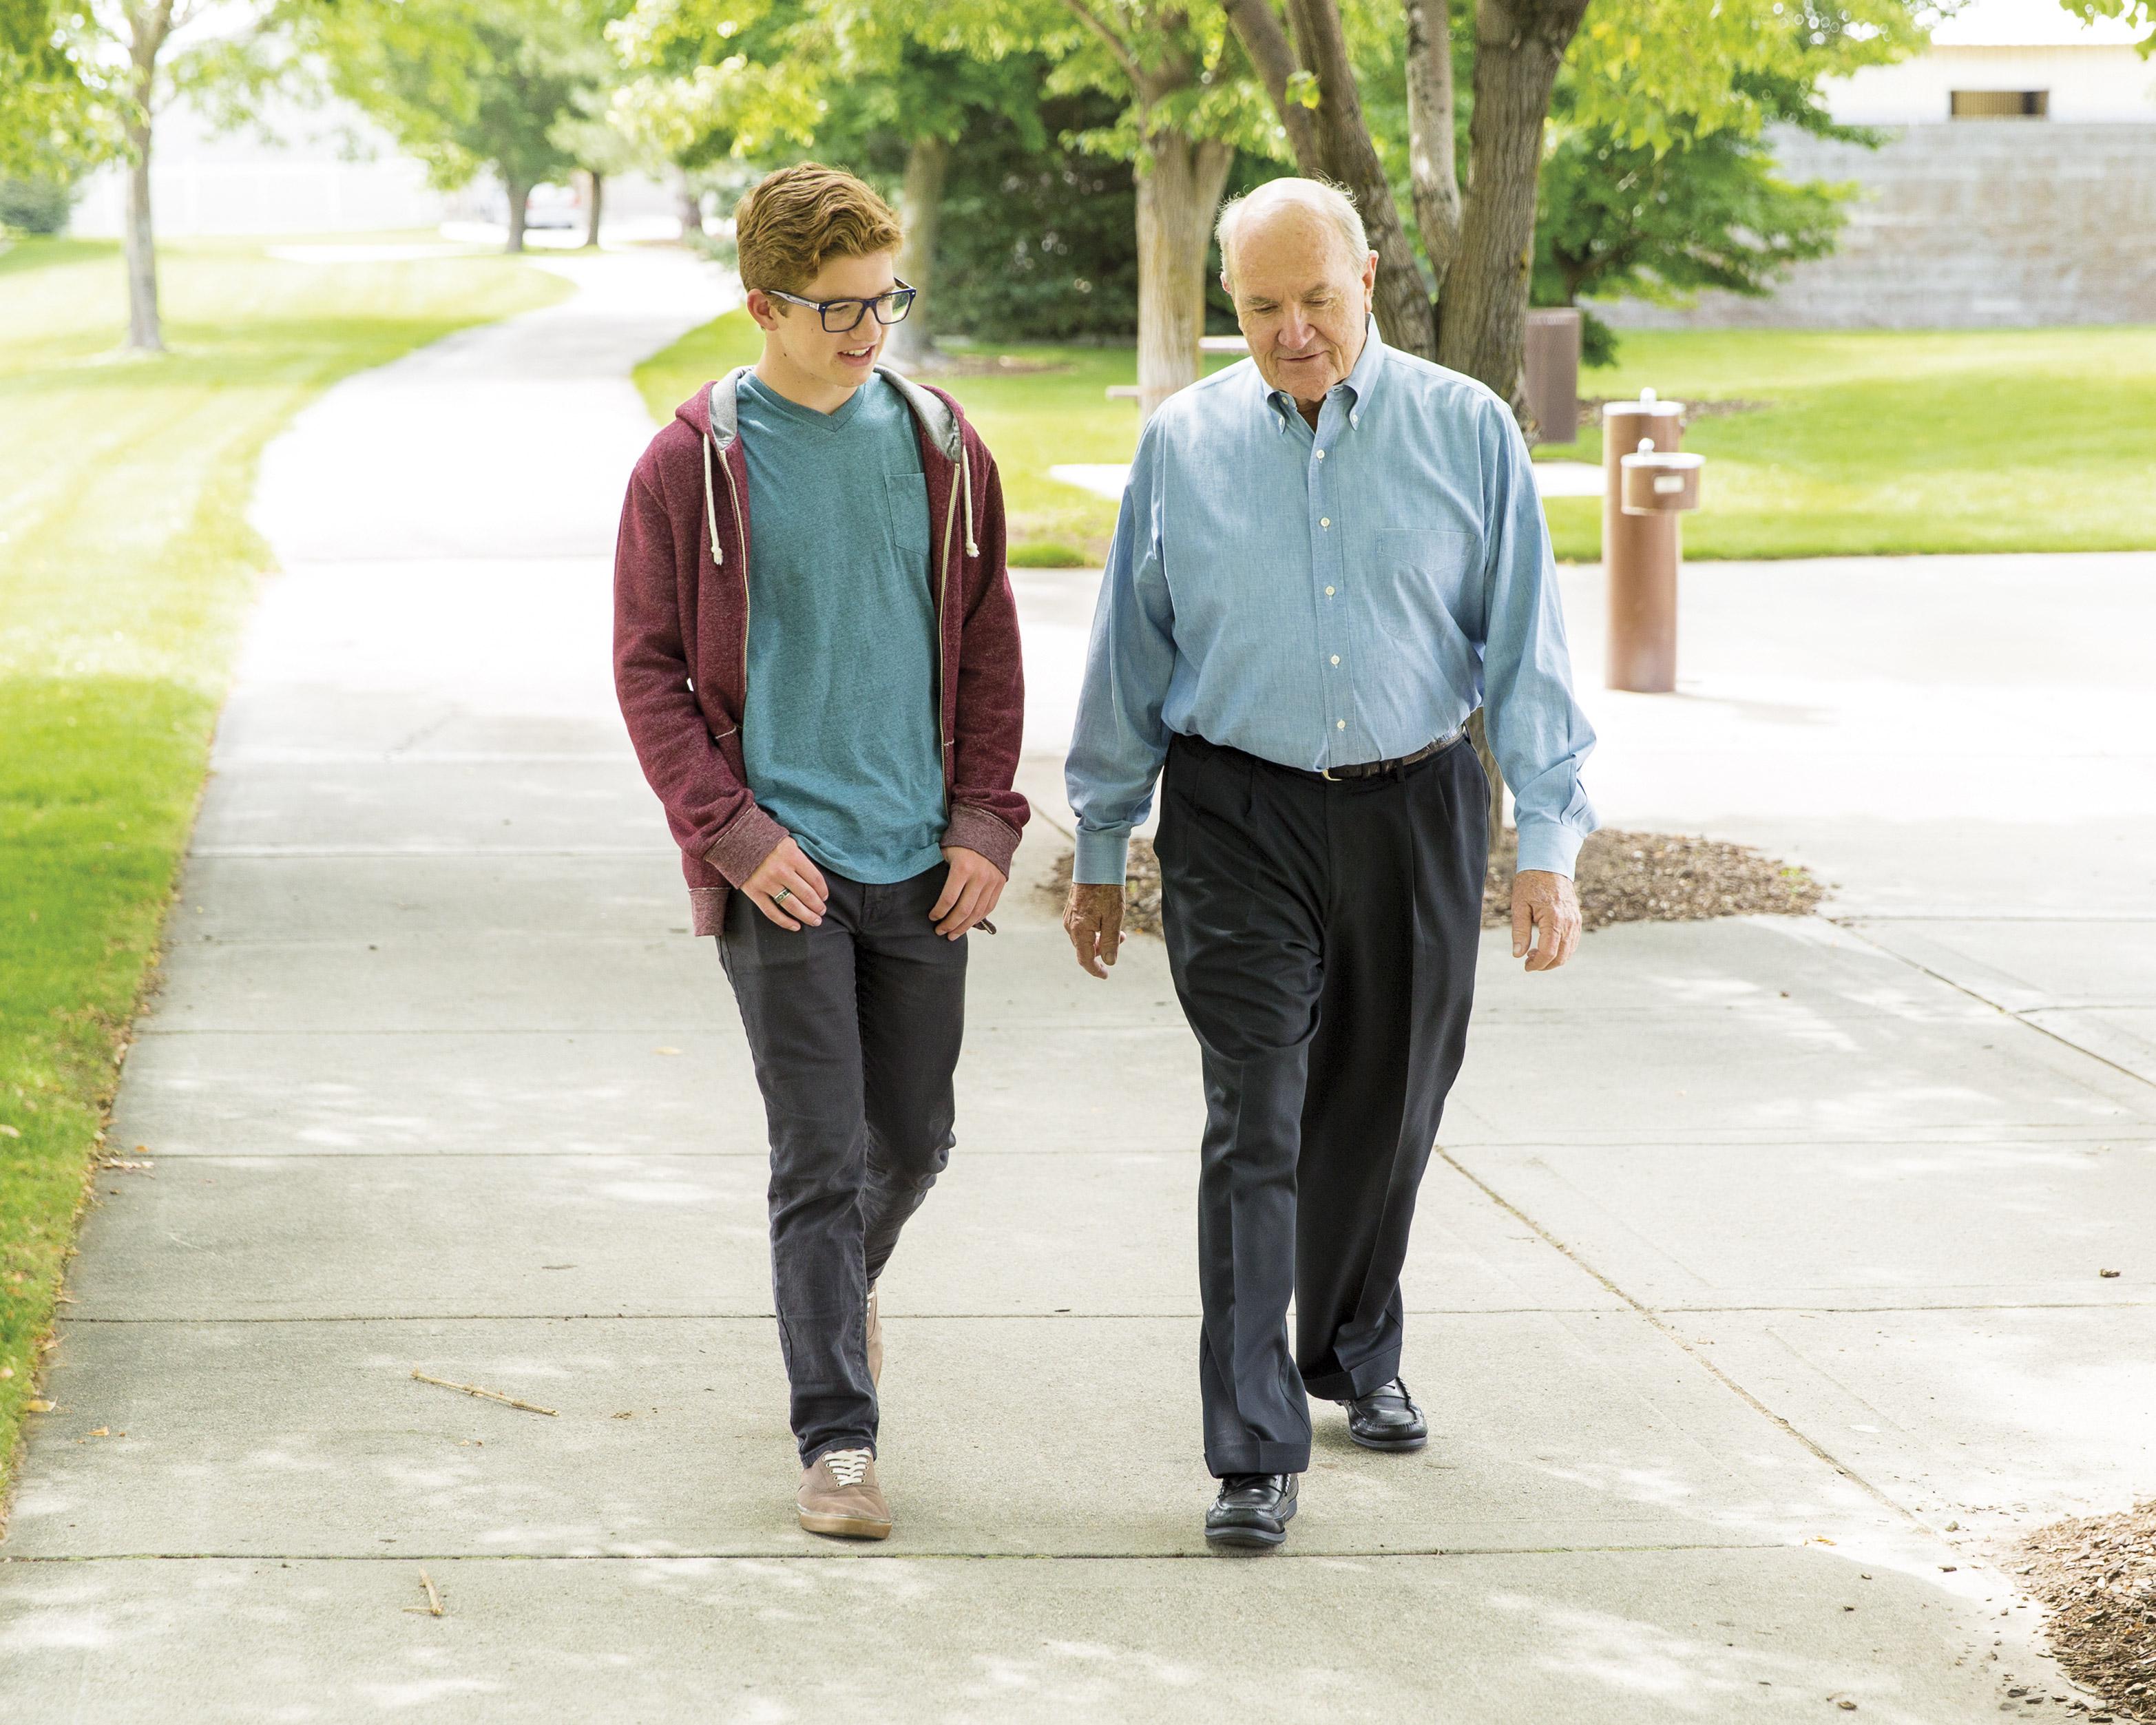 El joven y el viejo